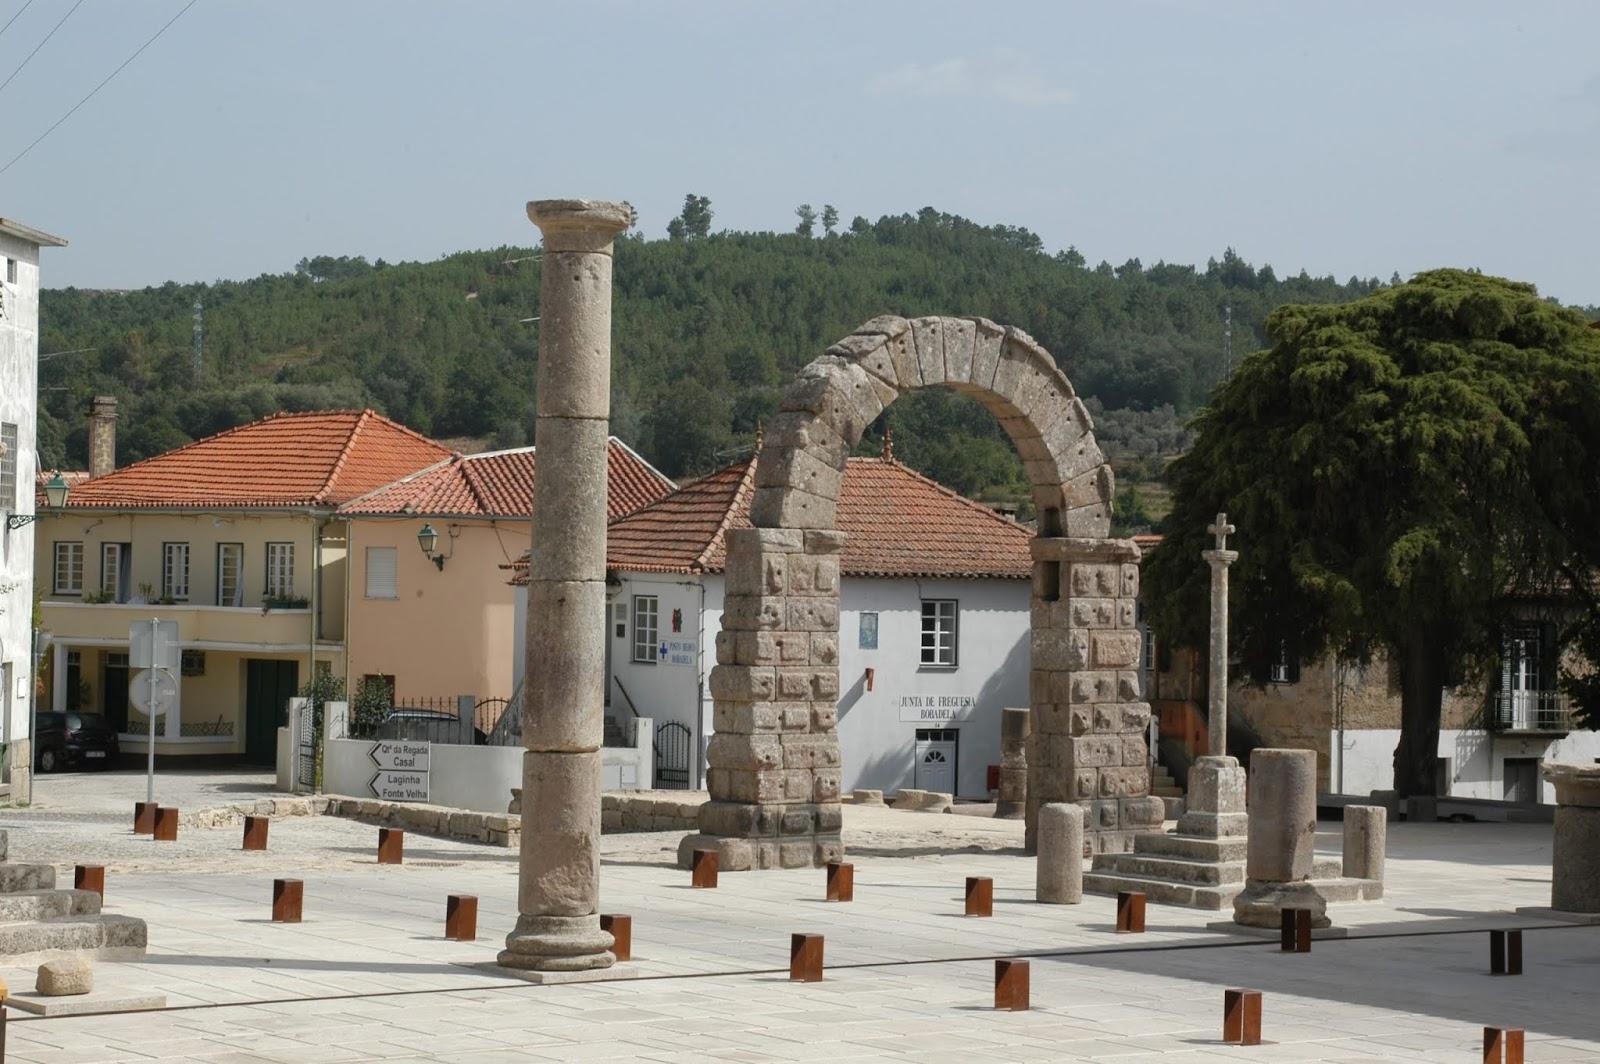 Arco romano da Bobadela